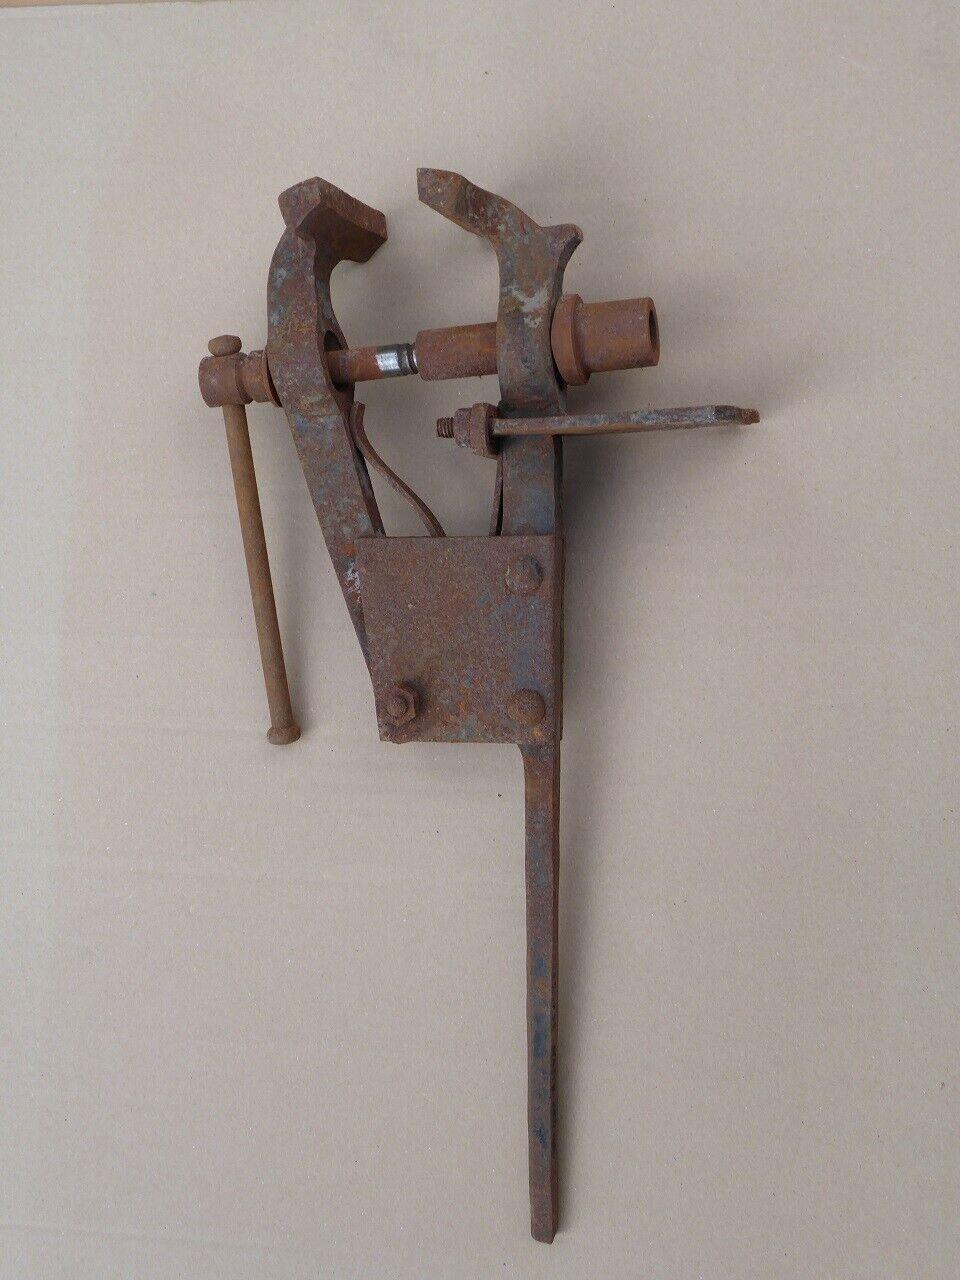 Alter Schraubstock antiker Schmiedeschraubstock Feldschraubstock Antiquität